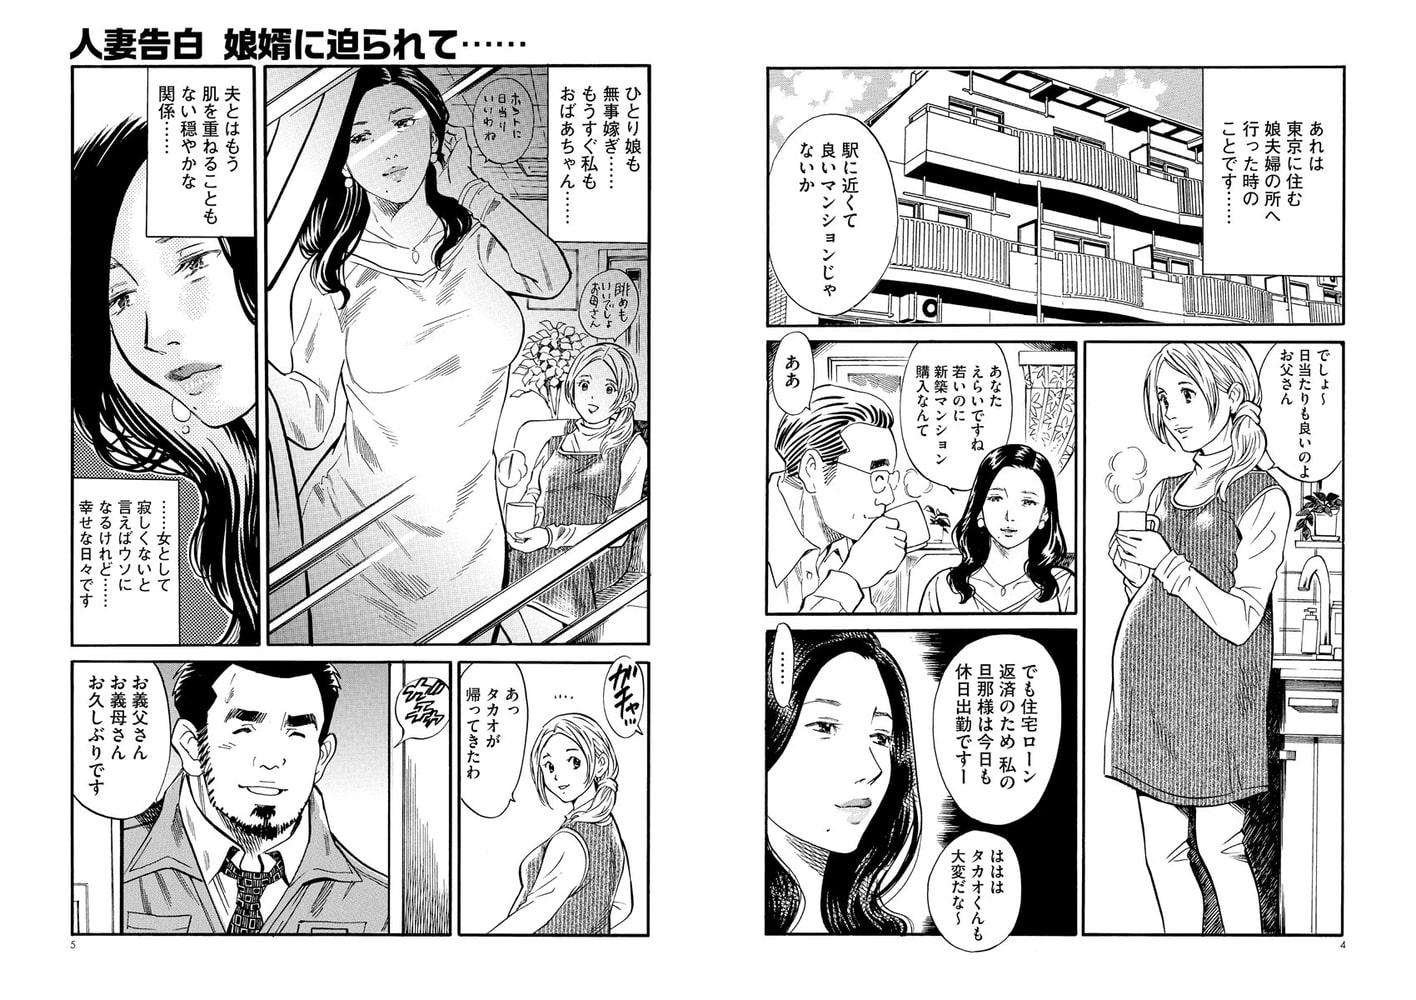 漫画人妻本当にあったHな話 Vol.7